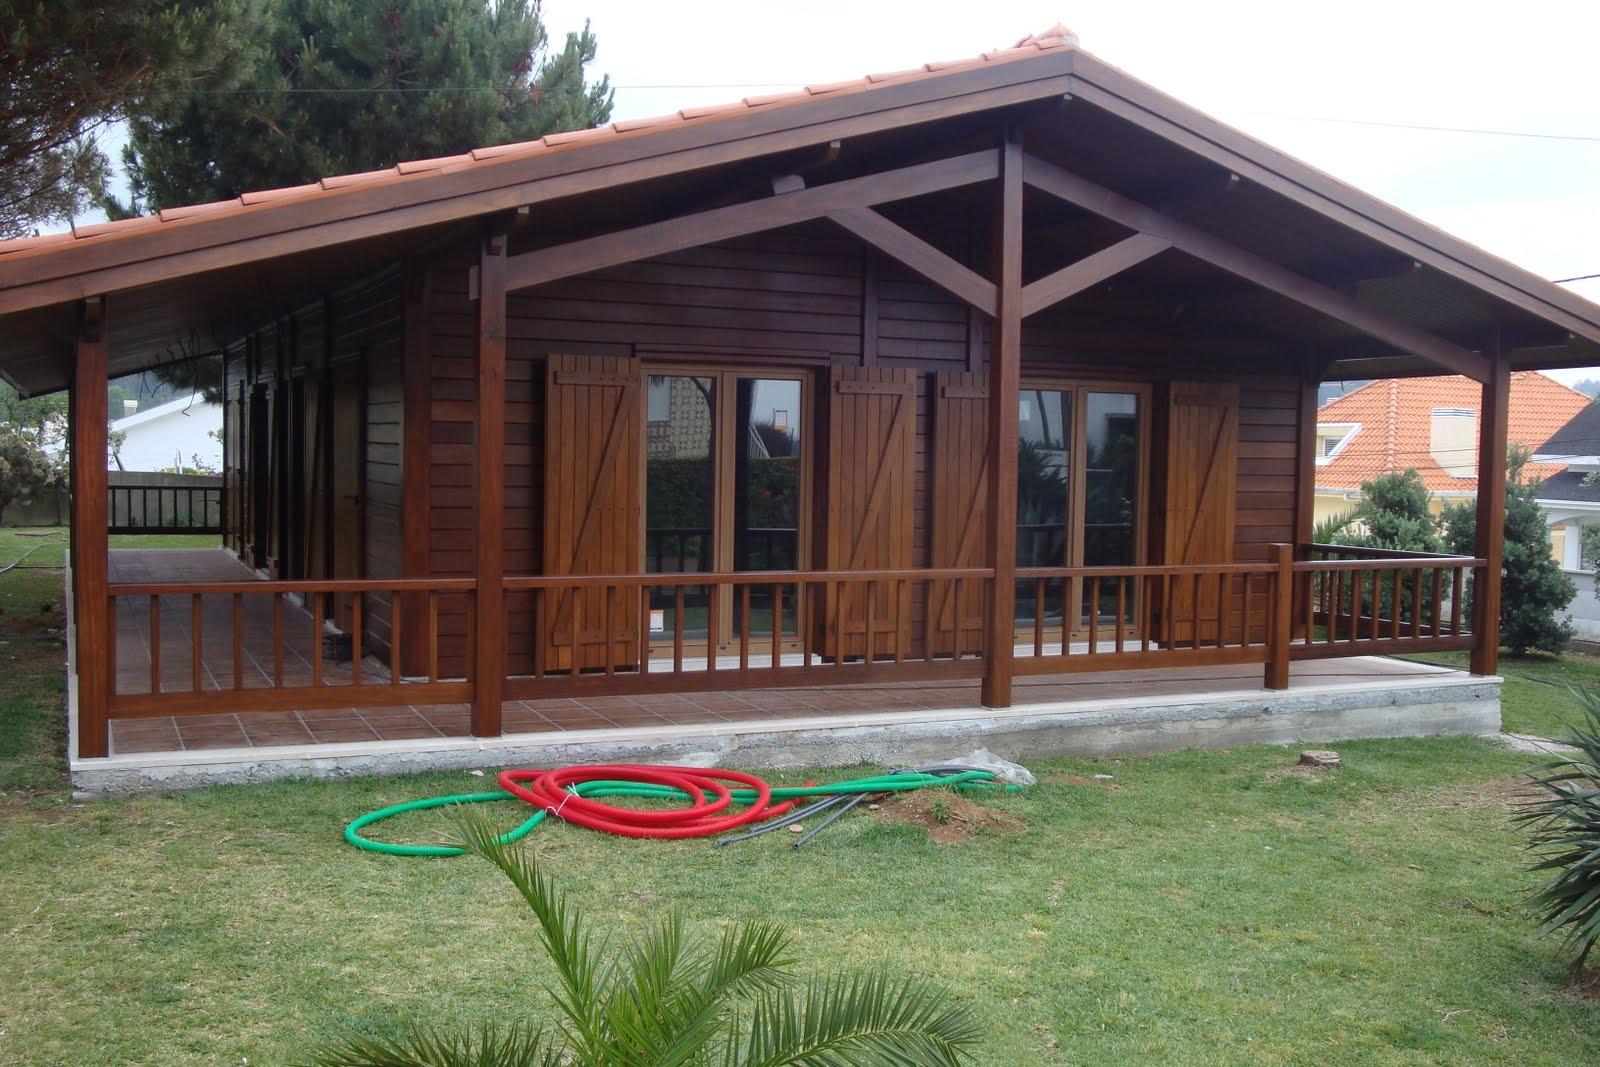 Pinturas em casas de madeira - Casas de madera portugal ...